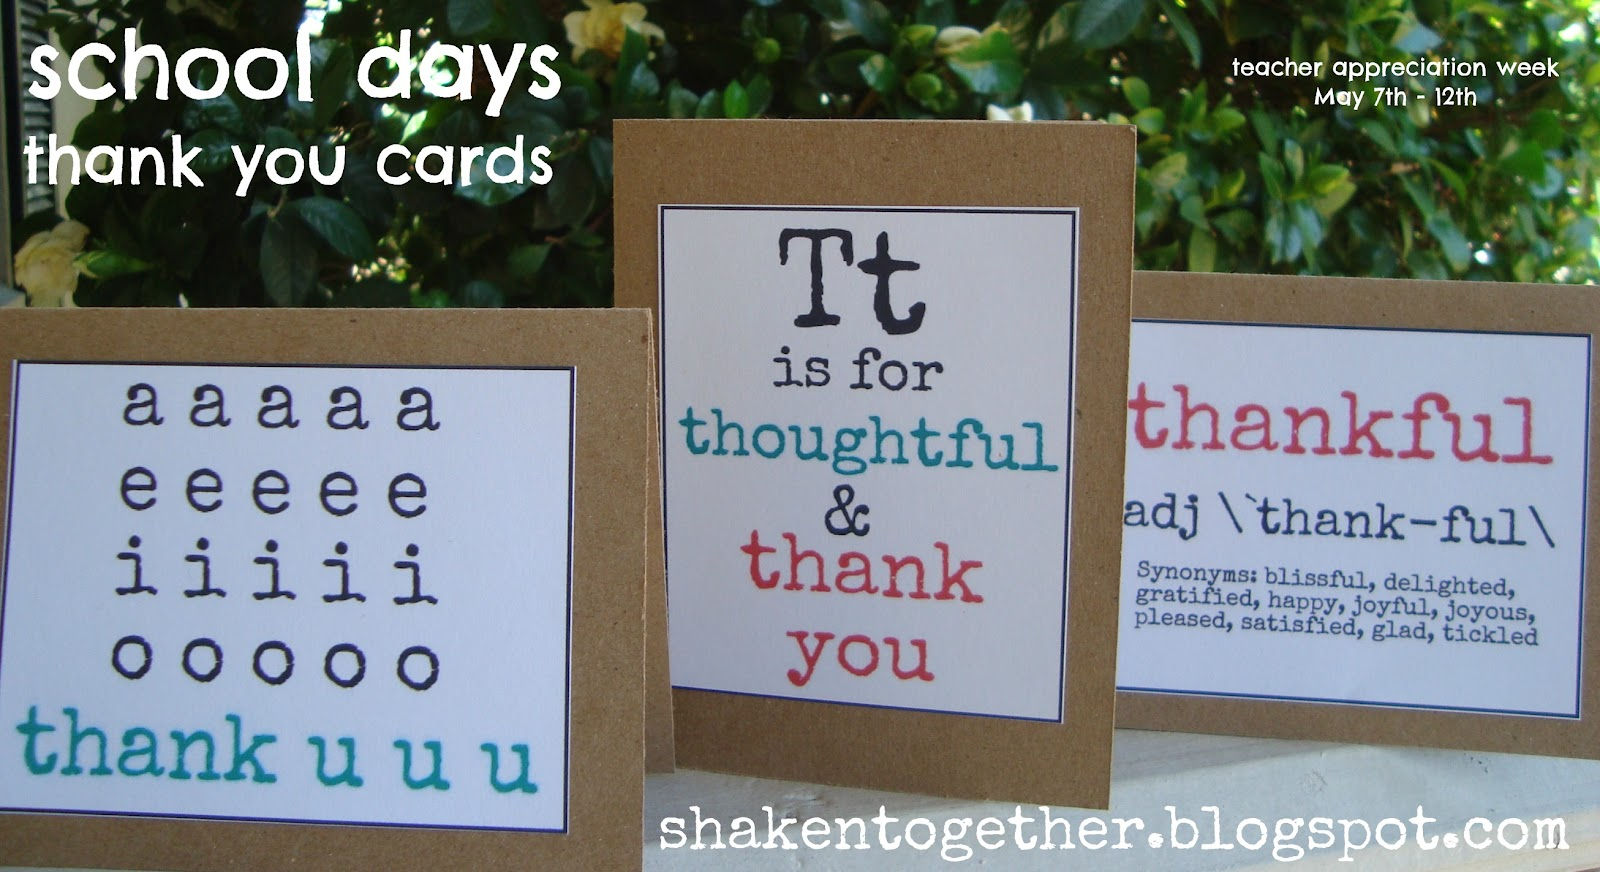 http://2.bp.blogspot.com/-phfujPG759Y/T5rhMB676YI/AAAAAAAABxI/WNN9Z0EgqvQ/s1600/school%2Bdays%2Bthank%2Byou%2Bcards%2Bmain%2BBLOG.jpg